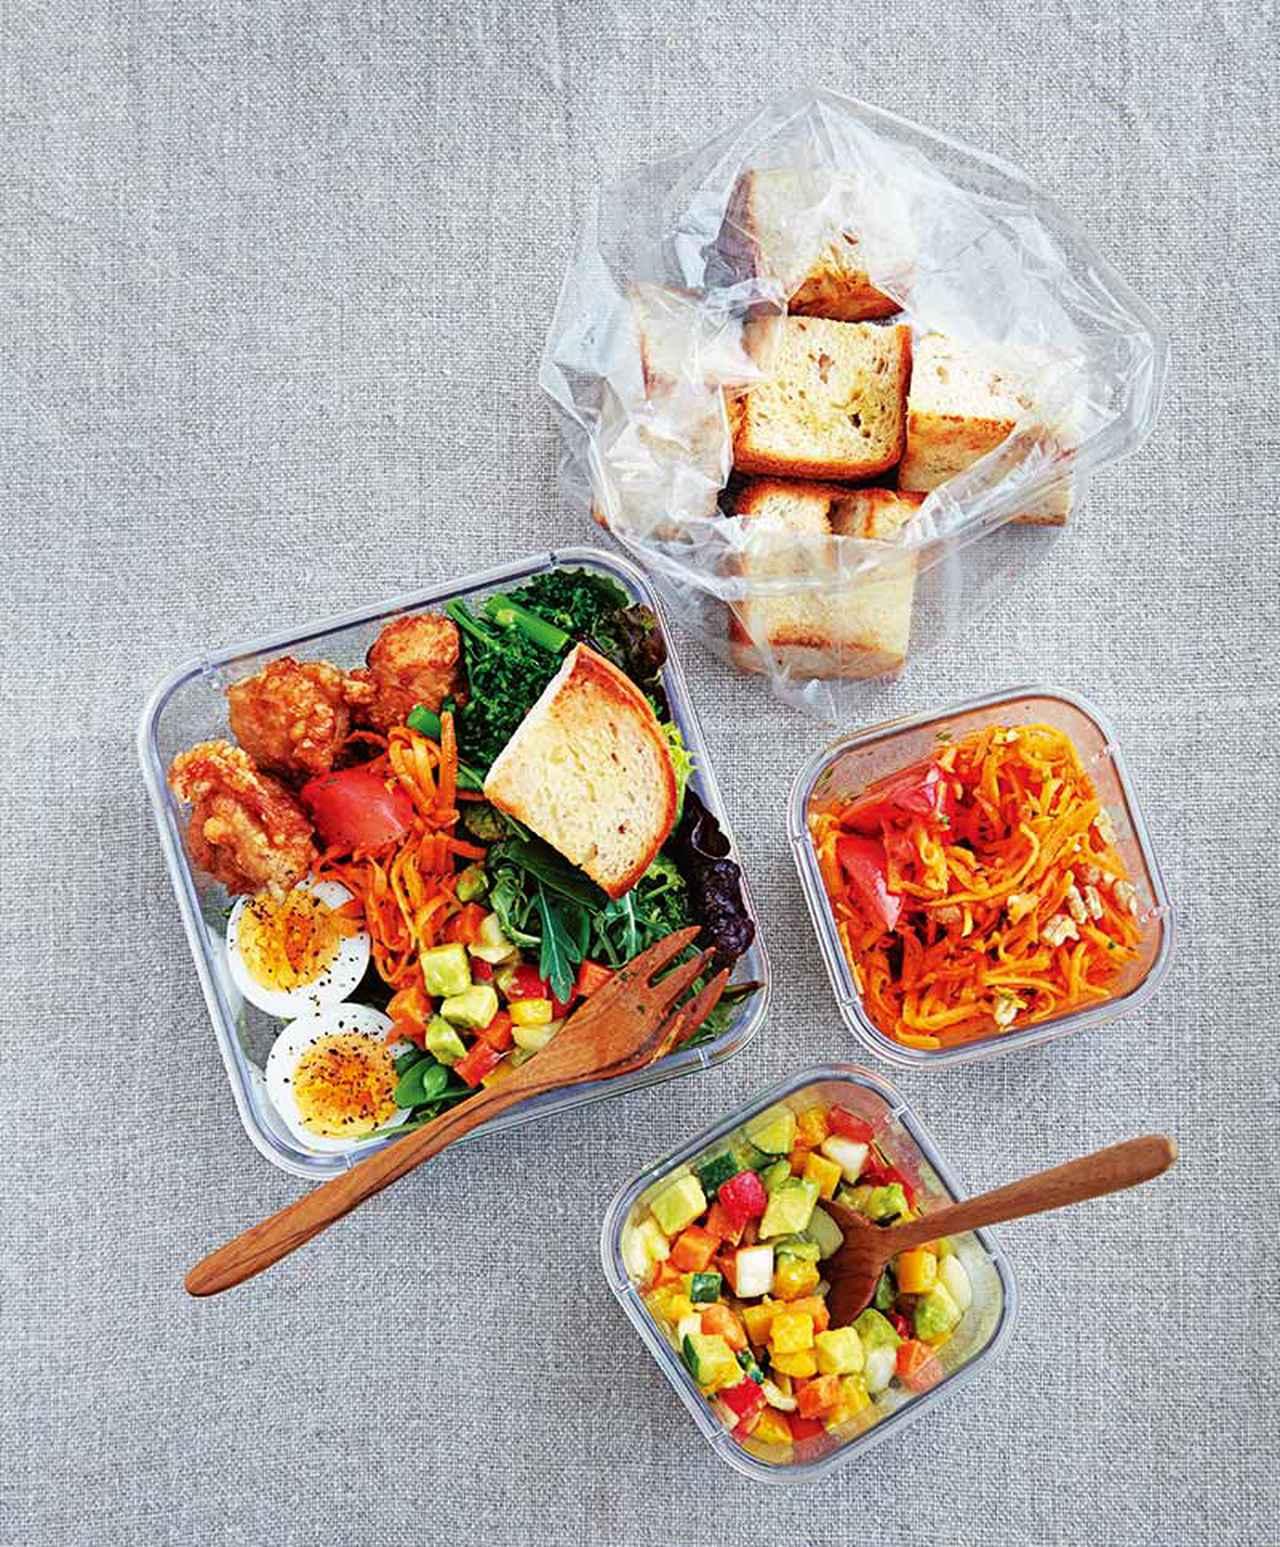 画像: 野菜好きにおすすめの、カラフルな野菜いっぱい弁当